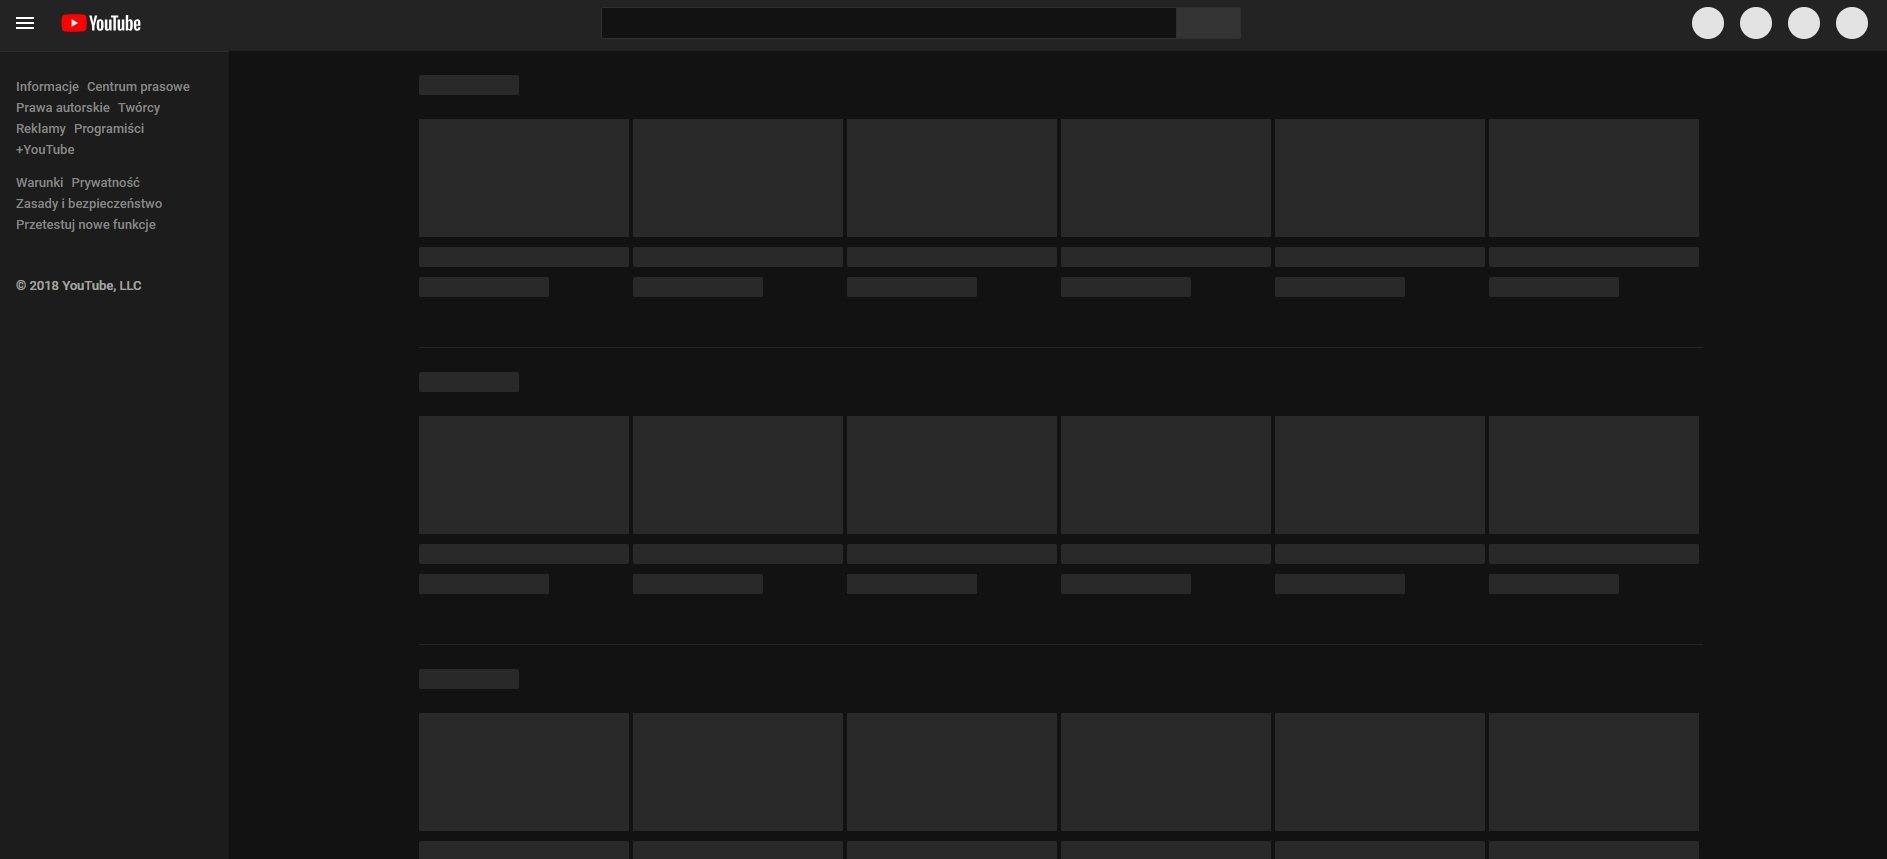 youtube down nie dziala youtube